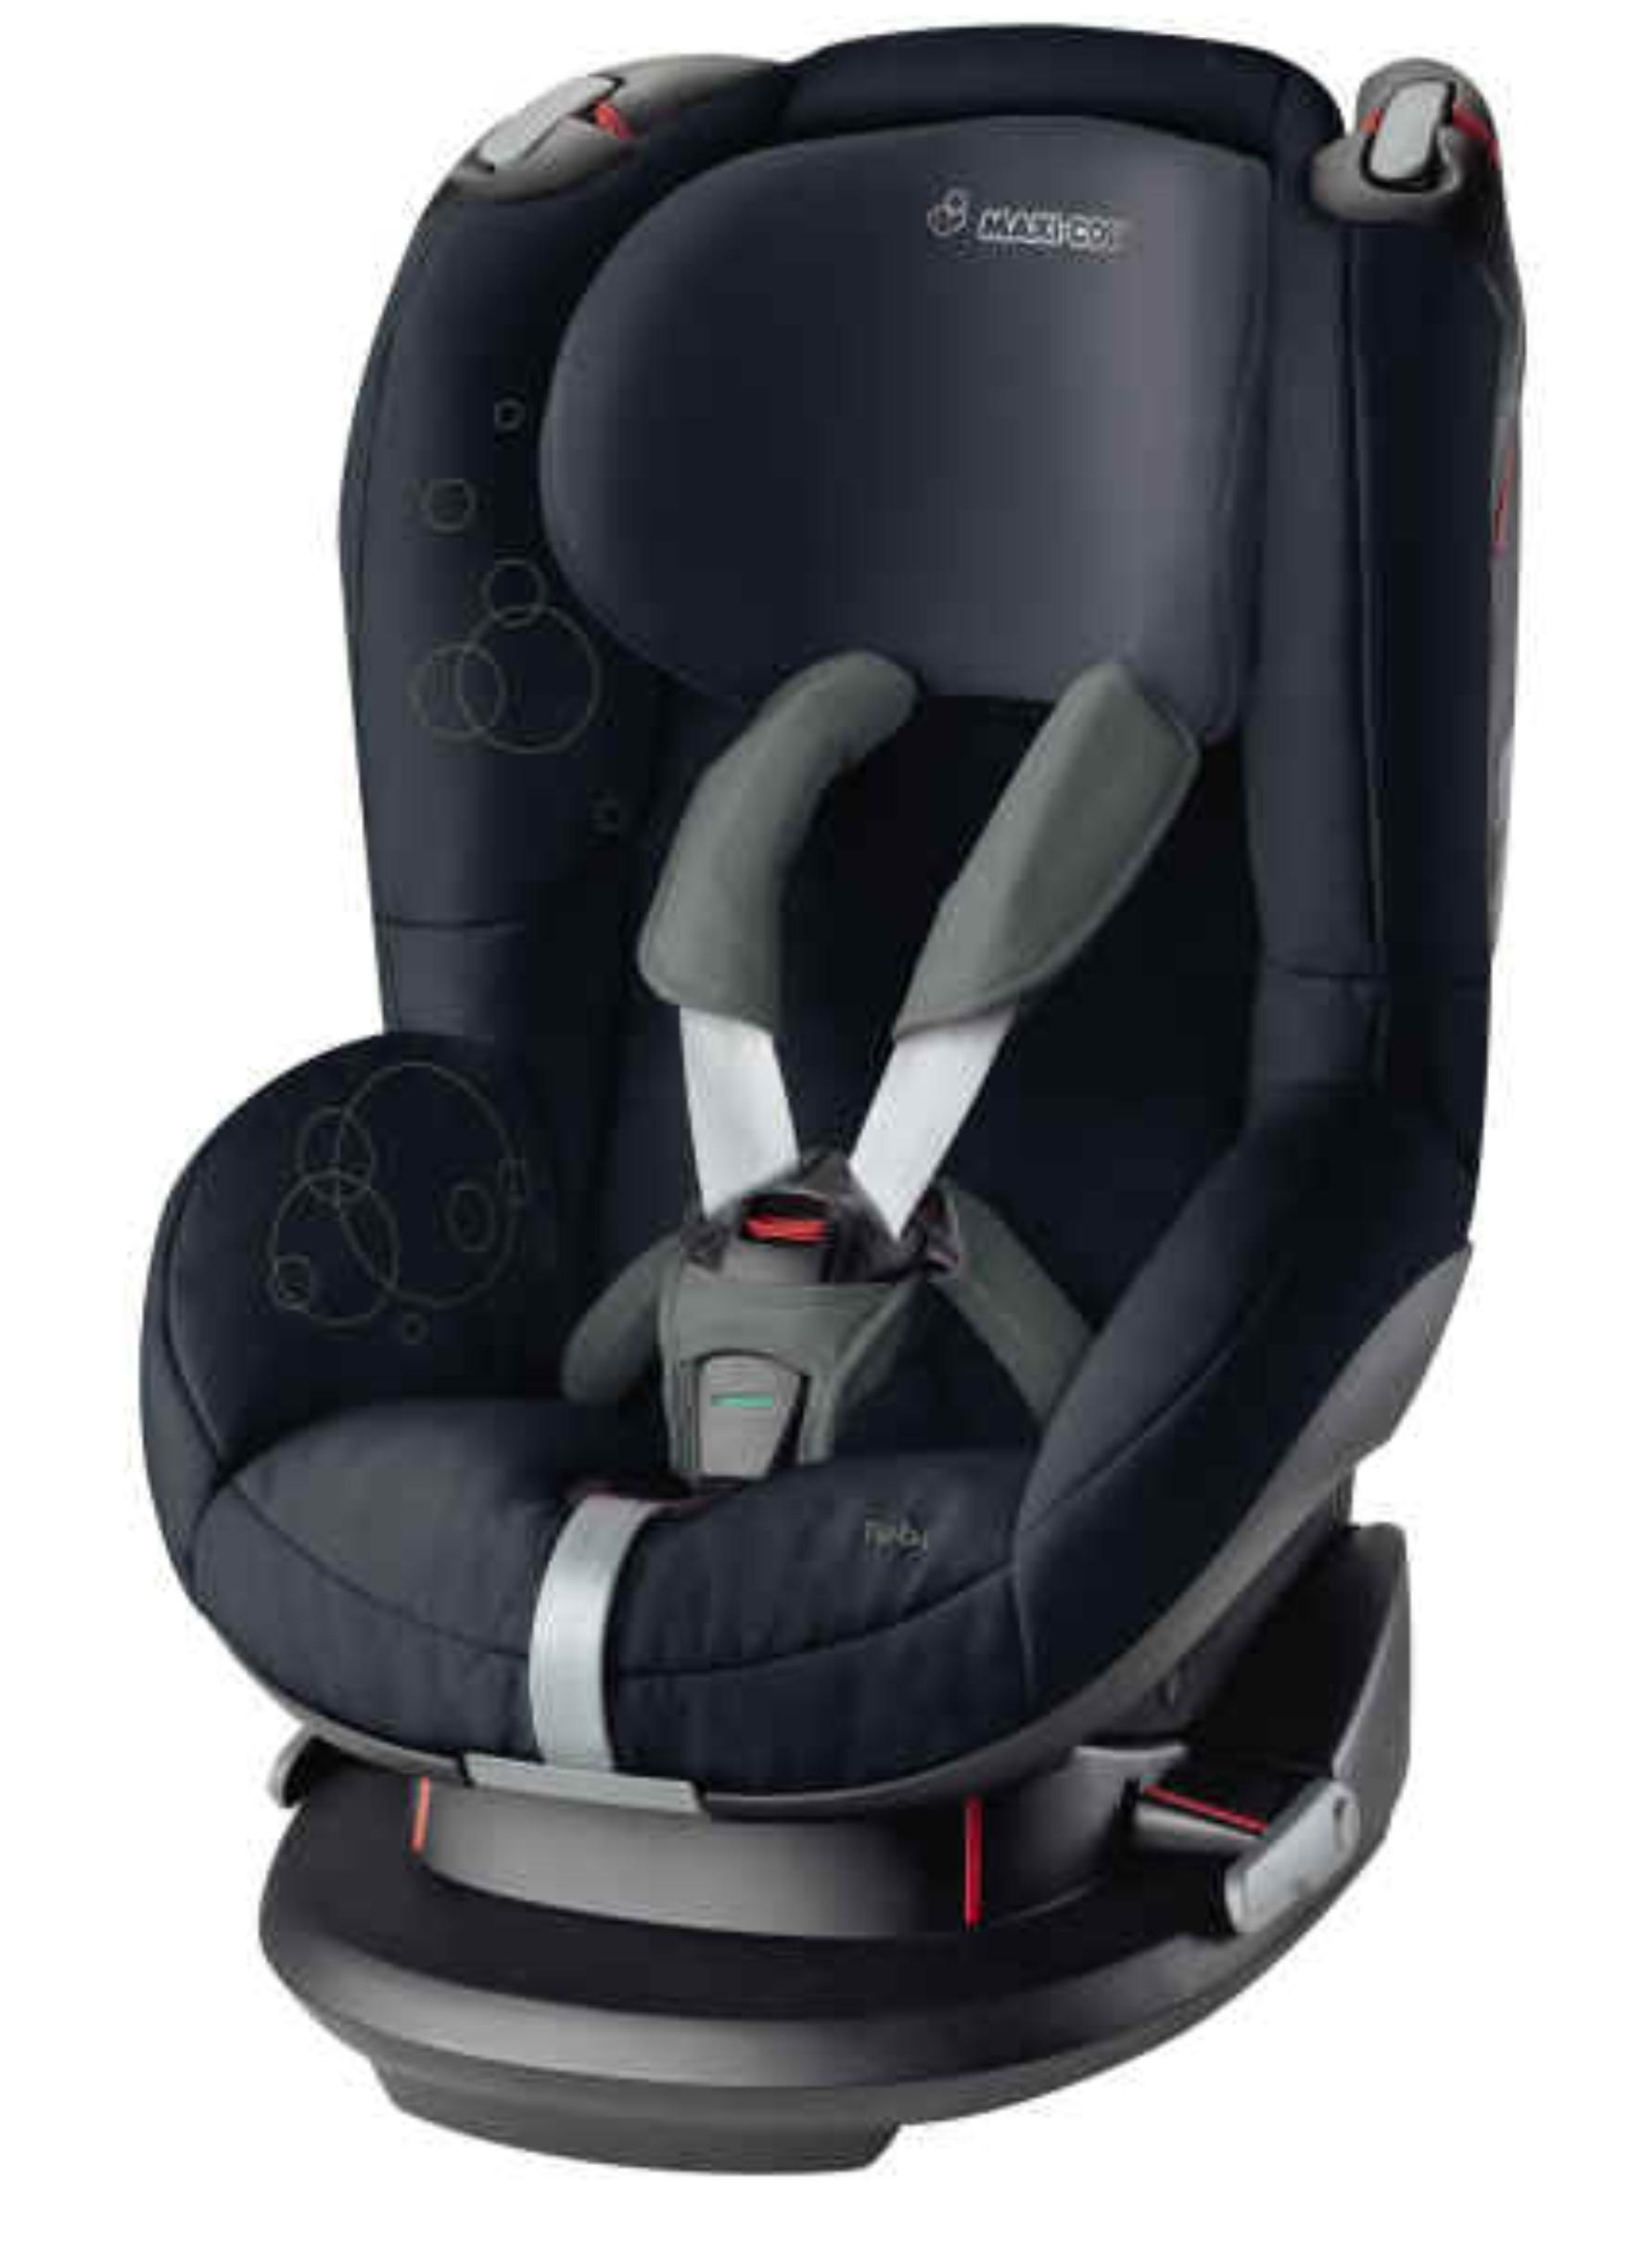 maxi cosi tobi modell jet black autositze unterwegs babymarkt kinder lorenz baumarkt. Black Bedroom Furniture Sets. Home Design Ideas